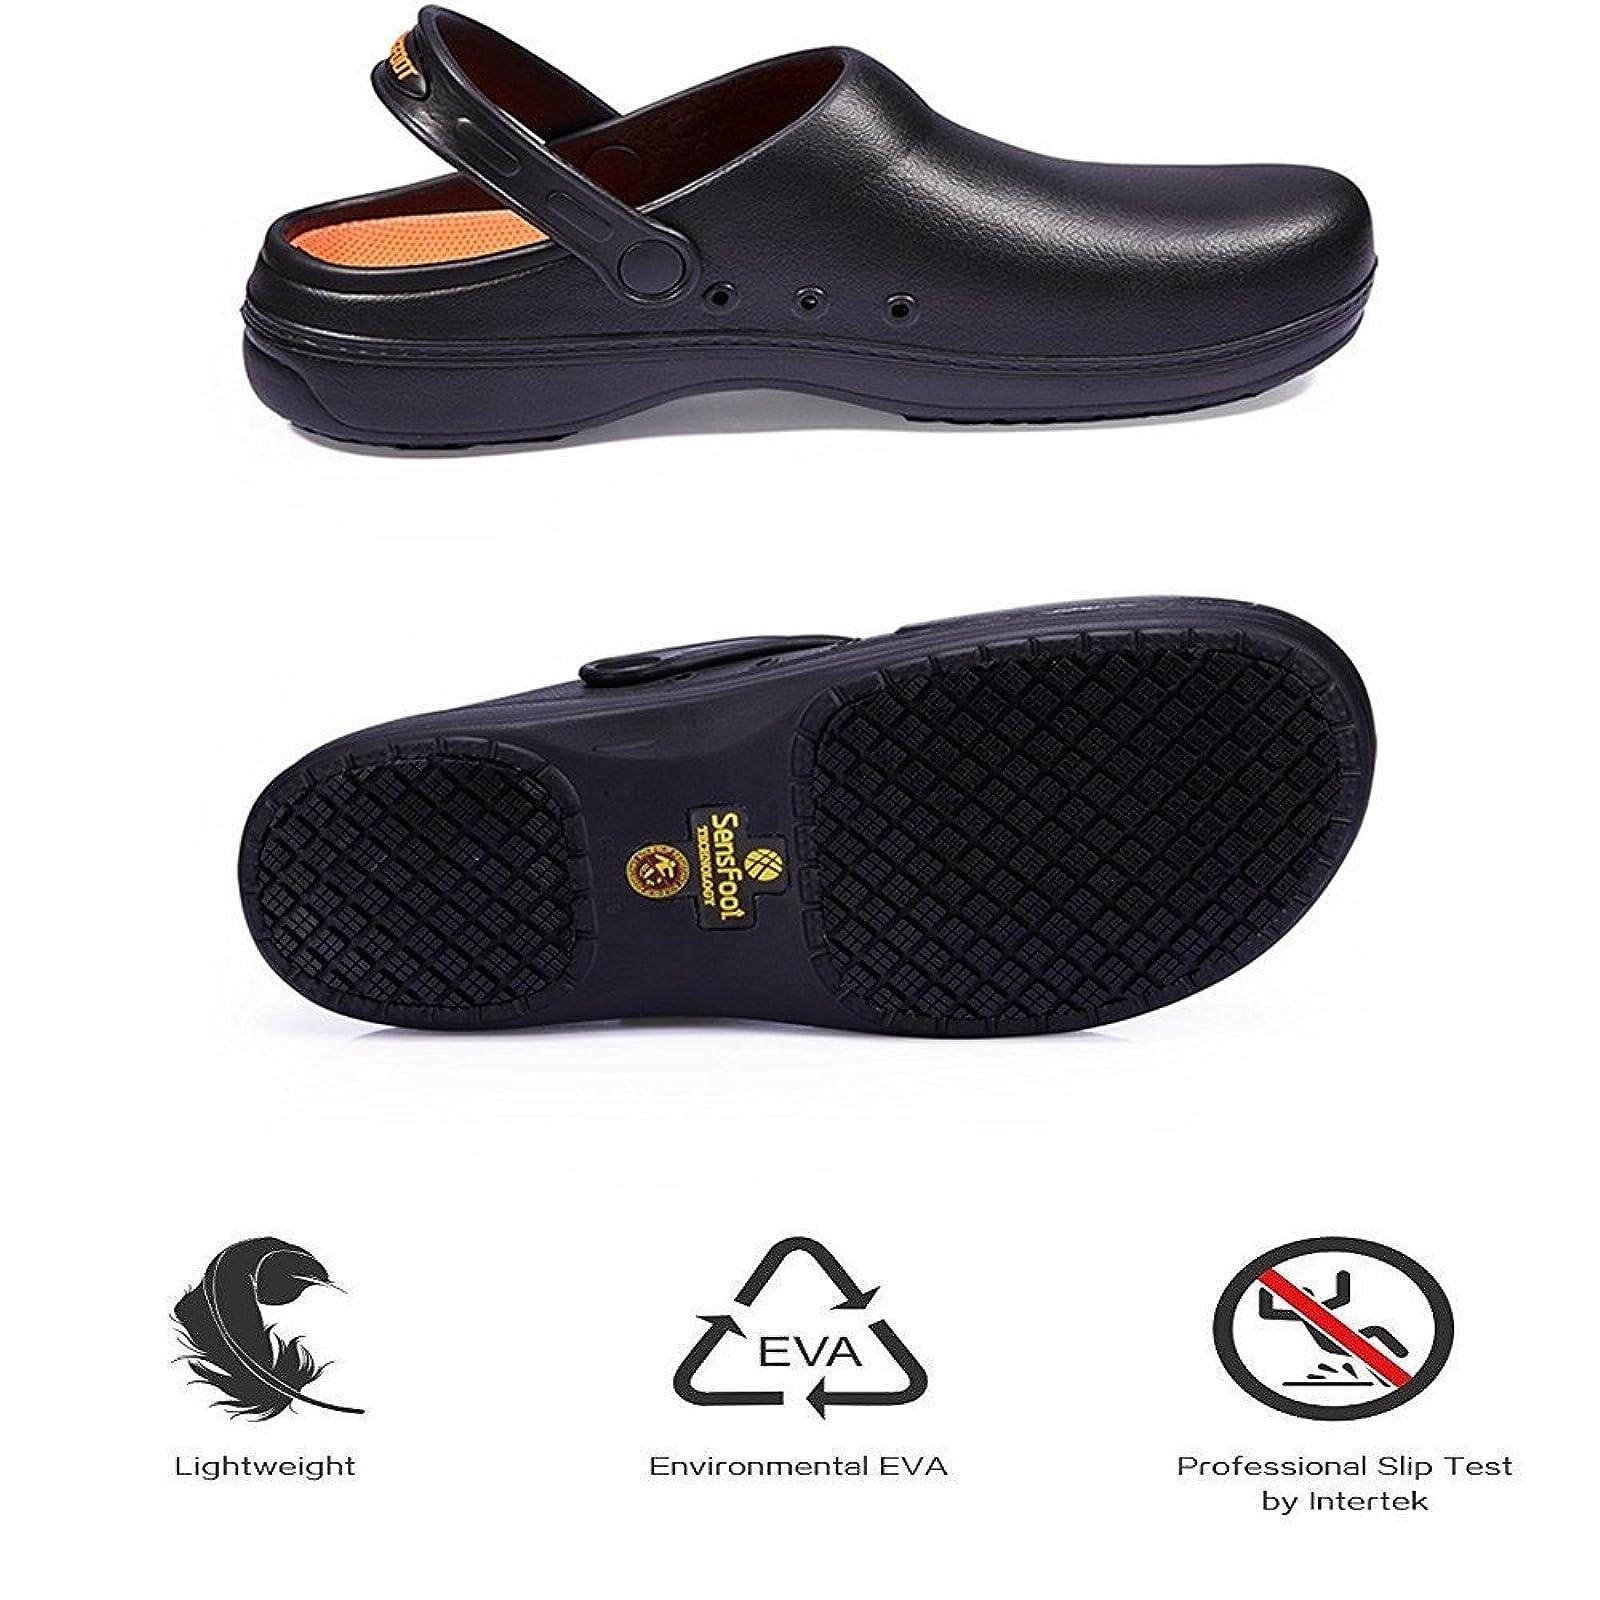 2273b0c1cc20 ... Non Slip Work Shoes Black For Men Women. Sensfoot Slip Resistant Chef  Clogs Mule - Kitchen SW08 - 1 Sensfoot Slip Resistant Chef Clogs Mule -  Kitchen ...